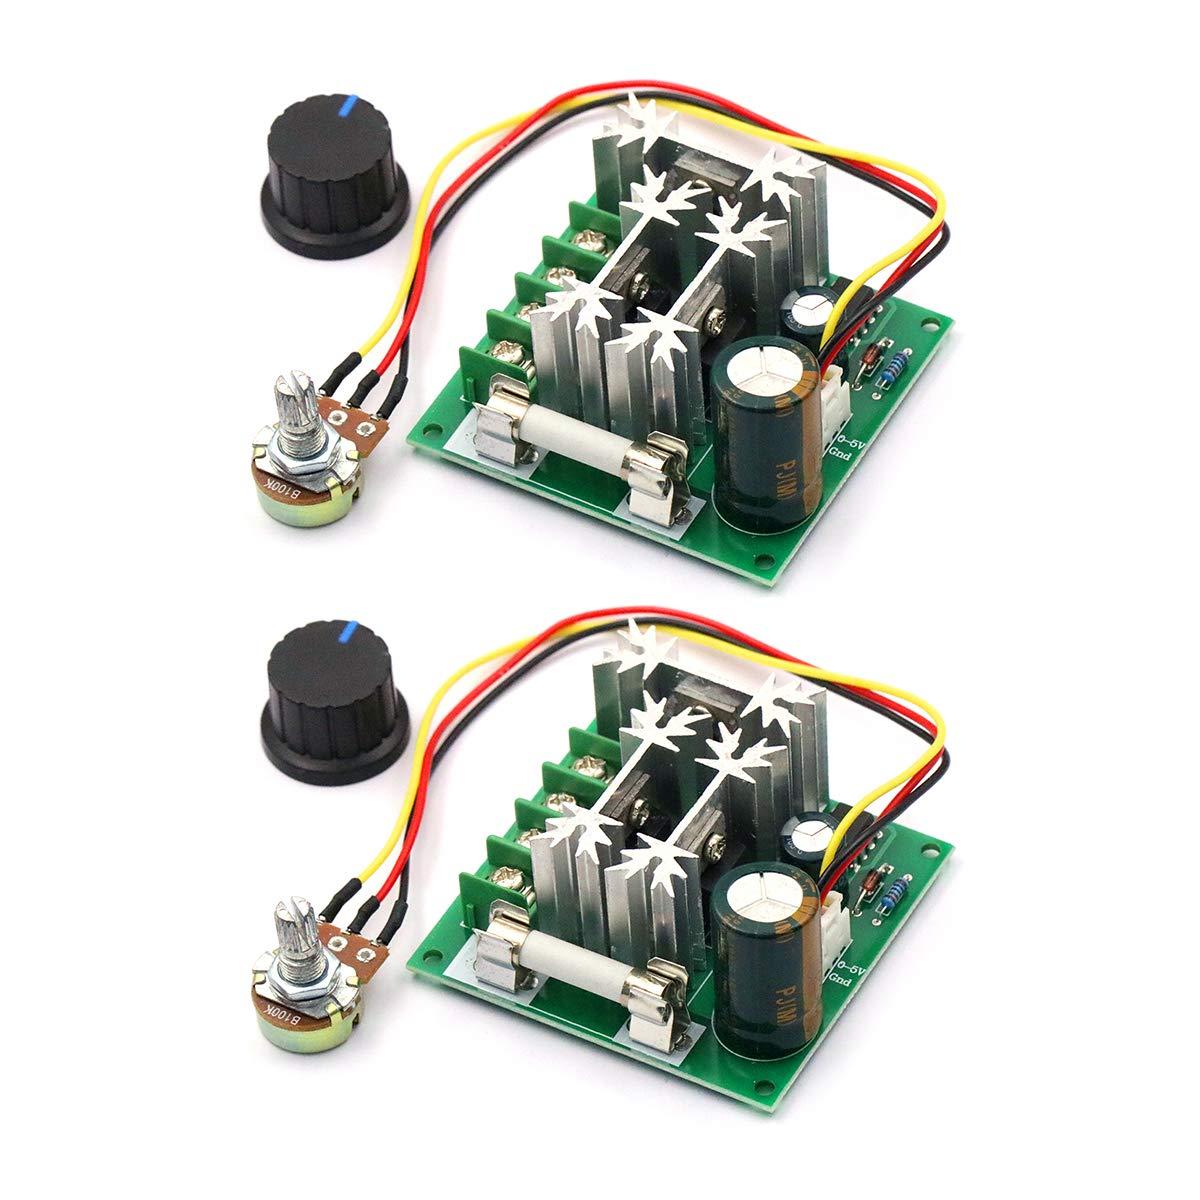 DaFuRui 2Pack Upgraded 6V-90V 15A DC Motor Pump PWM Speed Controller 16KHZ Regulator Module Board